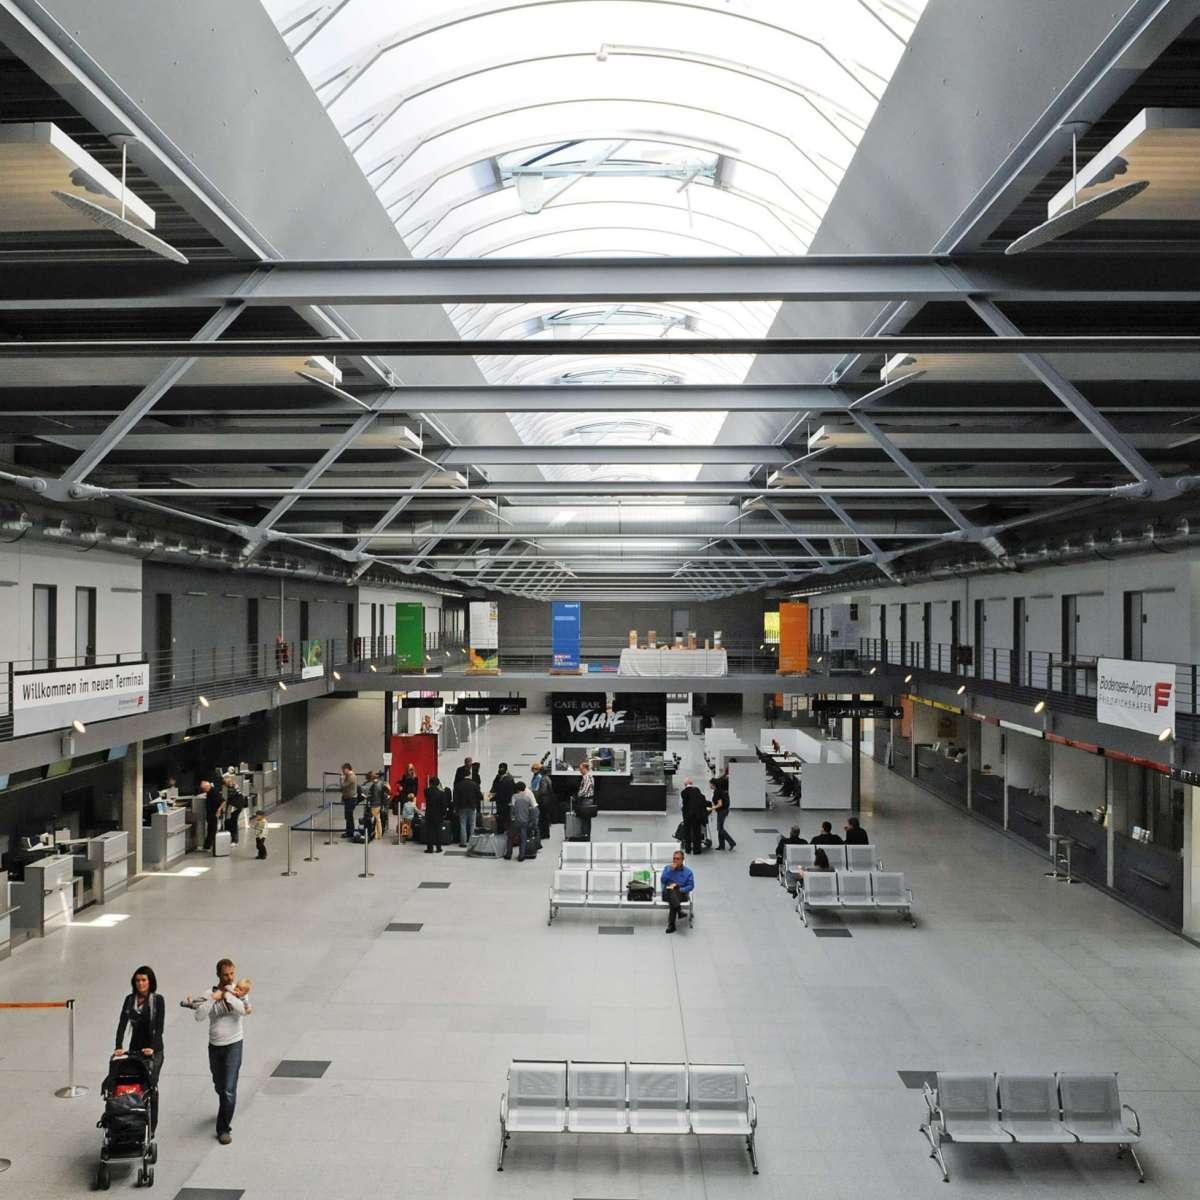 Bodensee-Airport Friedrichshafen | Friedrichshafen • 1 x Topline 65 m x 5 m, 7 x Topline 7 m x 3 m, 16NSHEV flaps